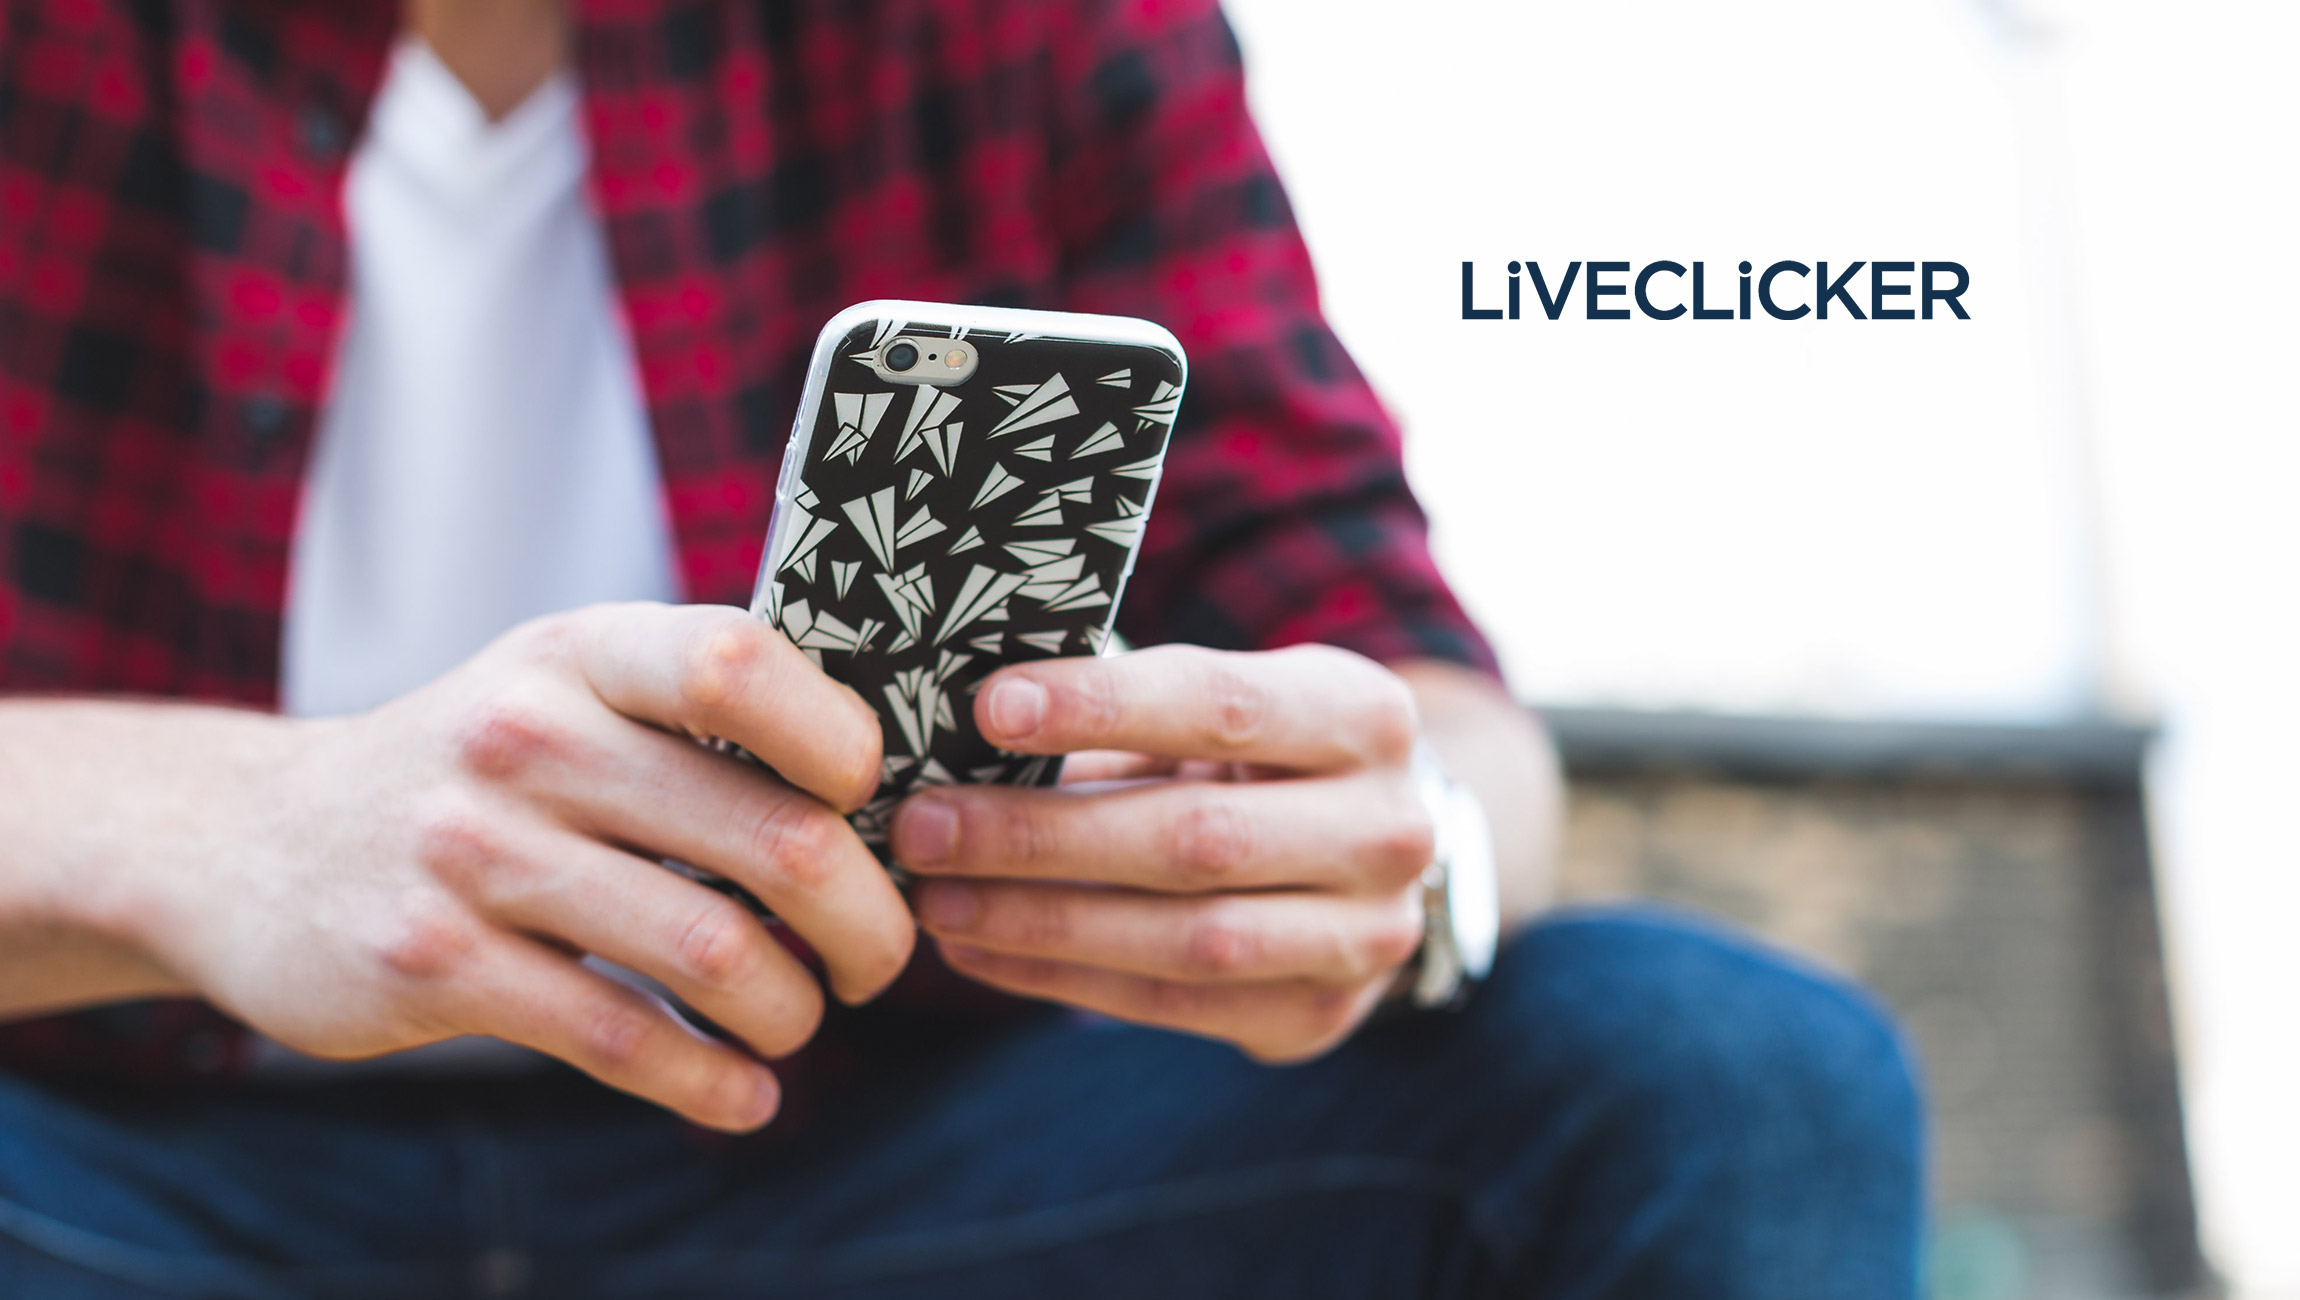 Liveclicker